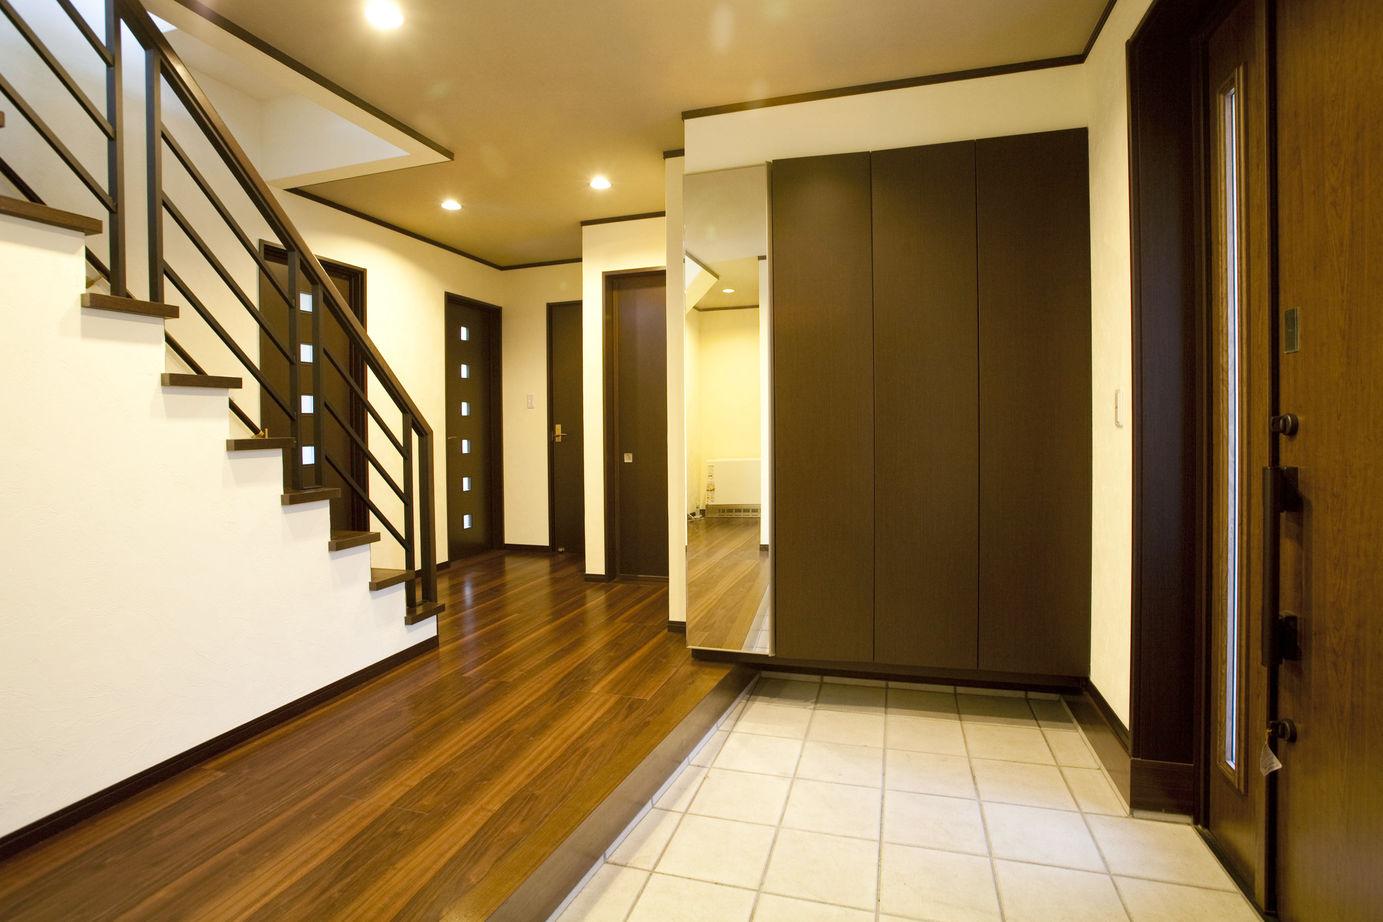 【2500-3000万円】異素材の組み合わせが美しい、シンプルモダンな佇まい。ビルトインガレージの家画像2